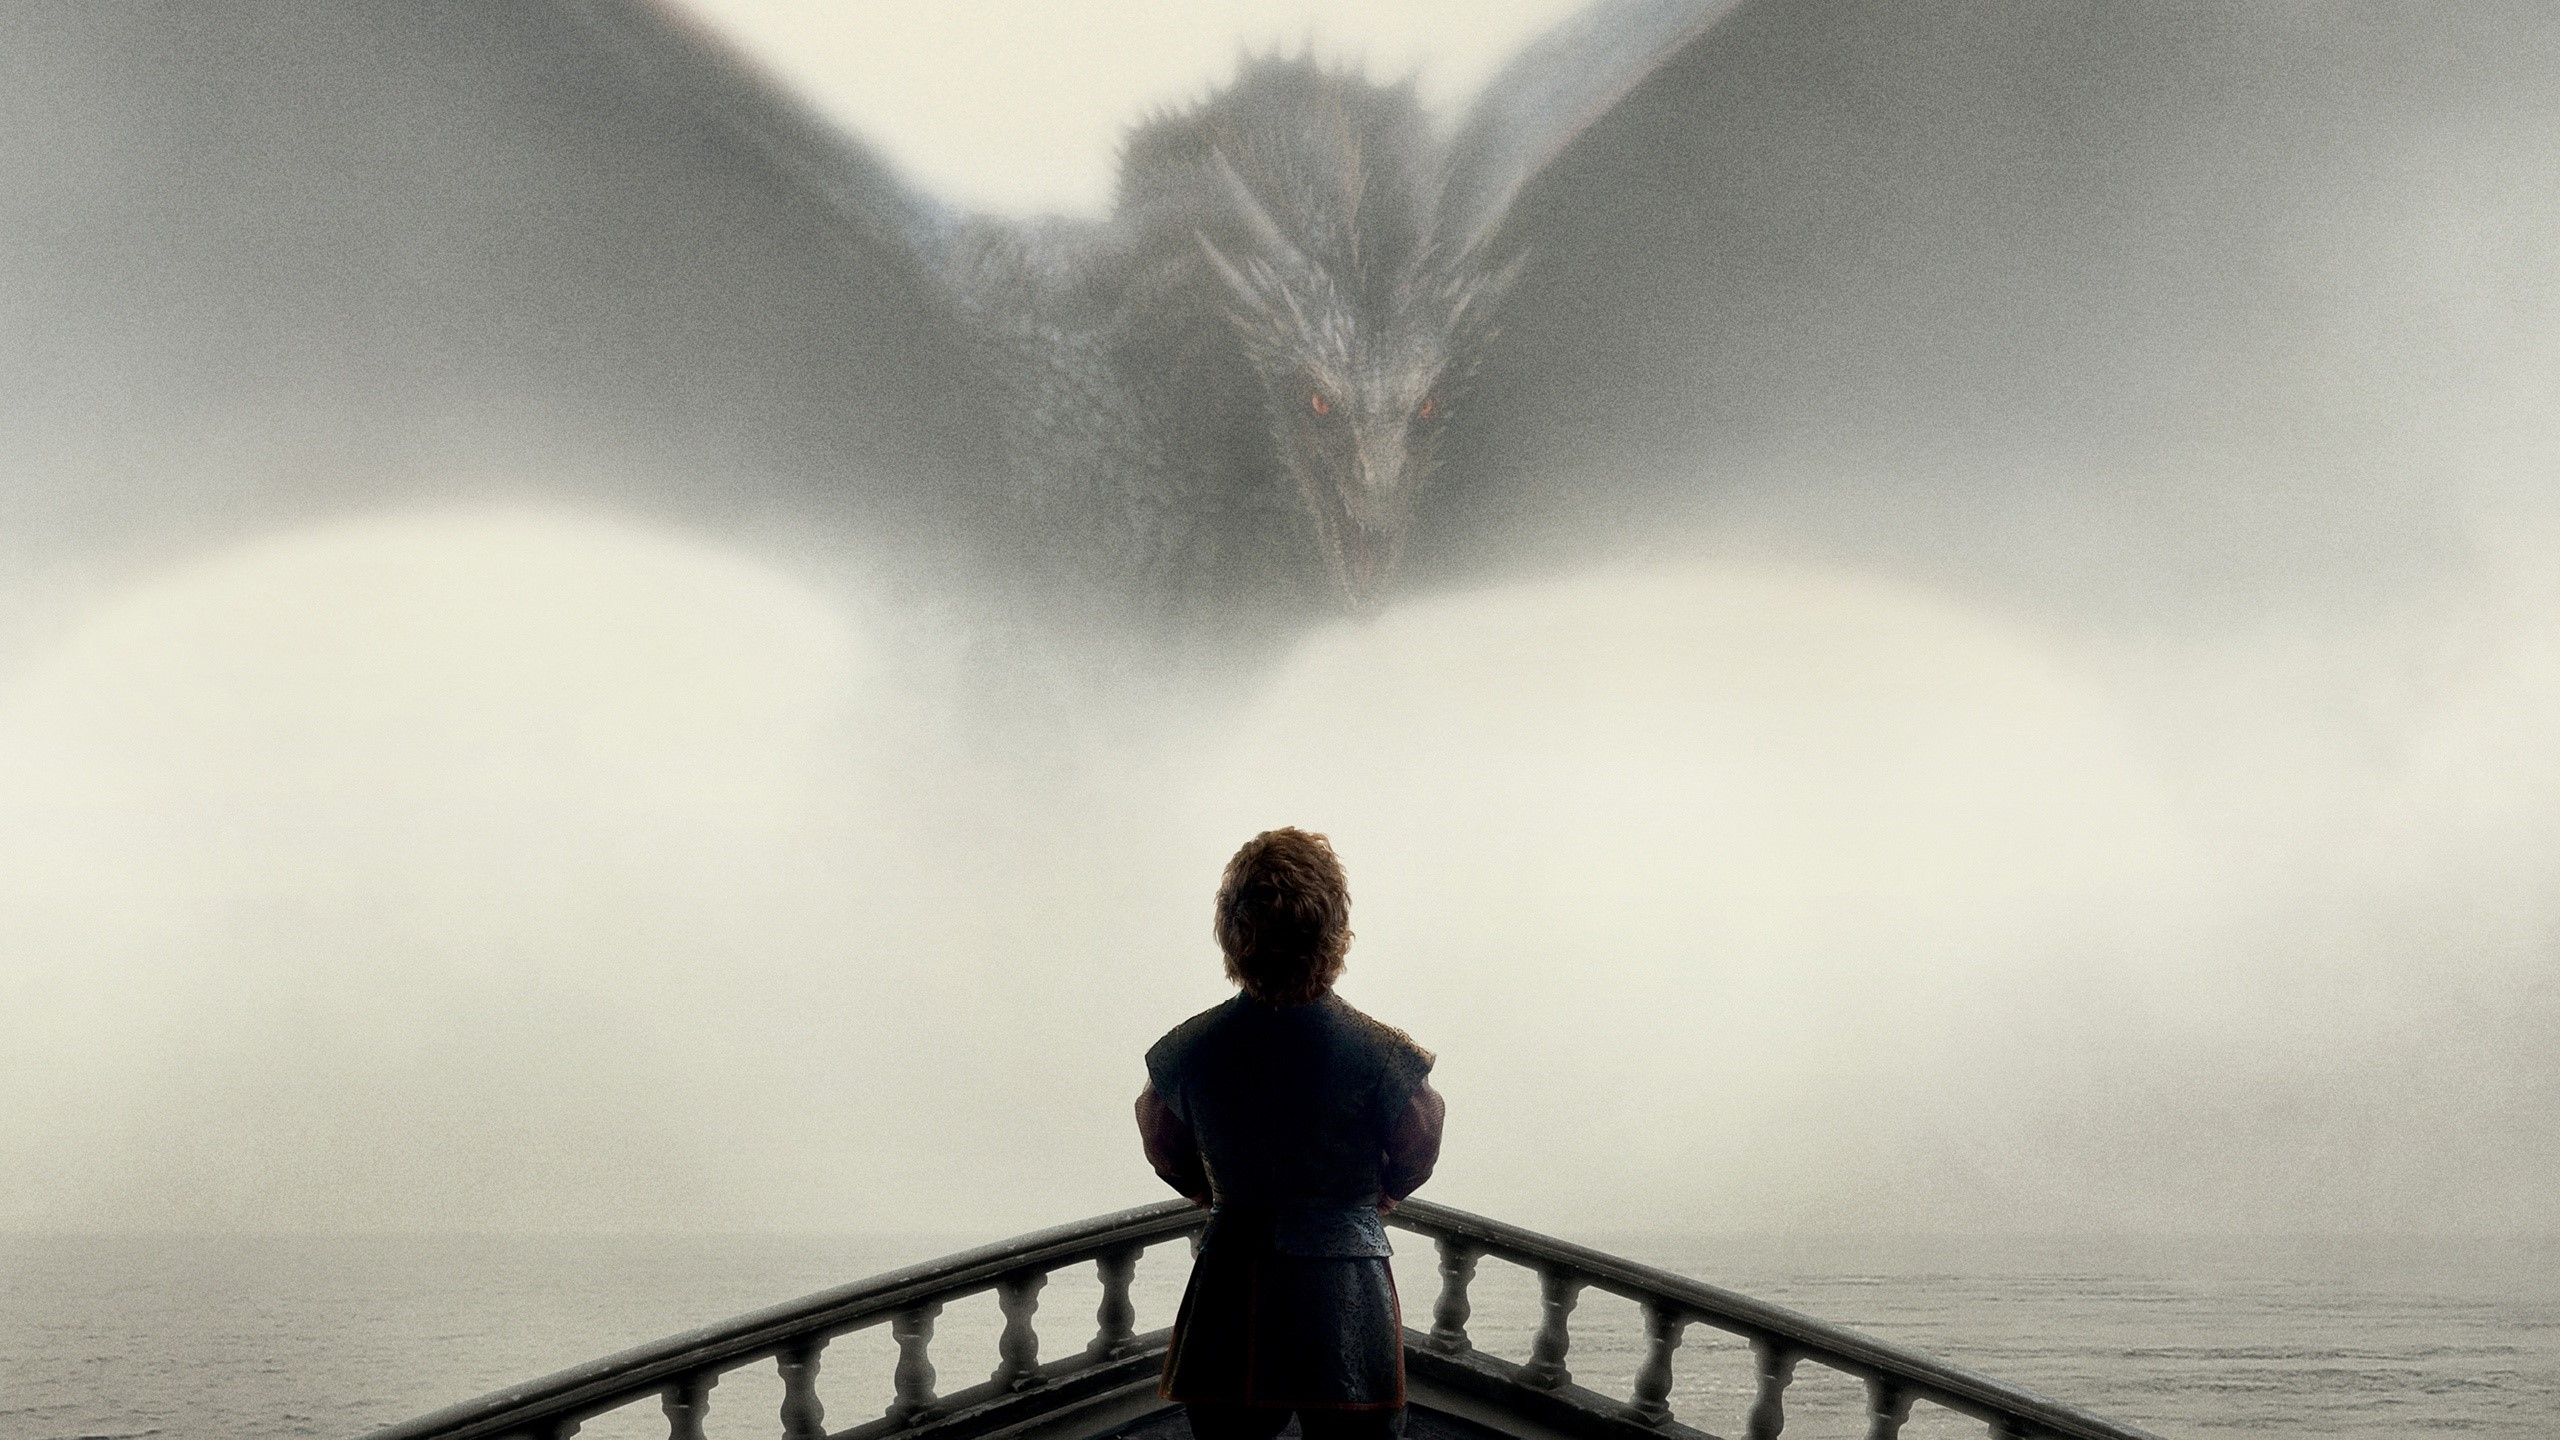 Fondos de pantalla Tyrion y Drogon de Juego de tronos